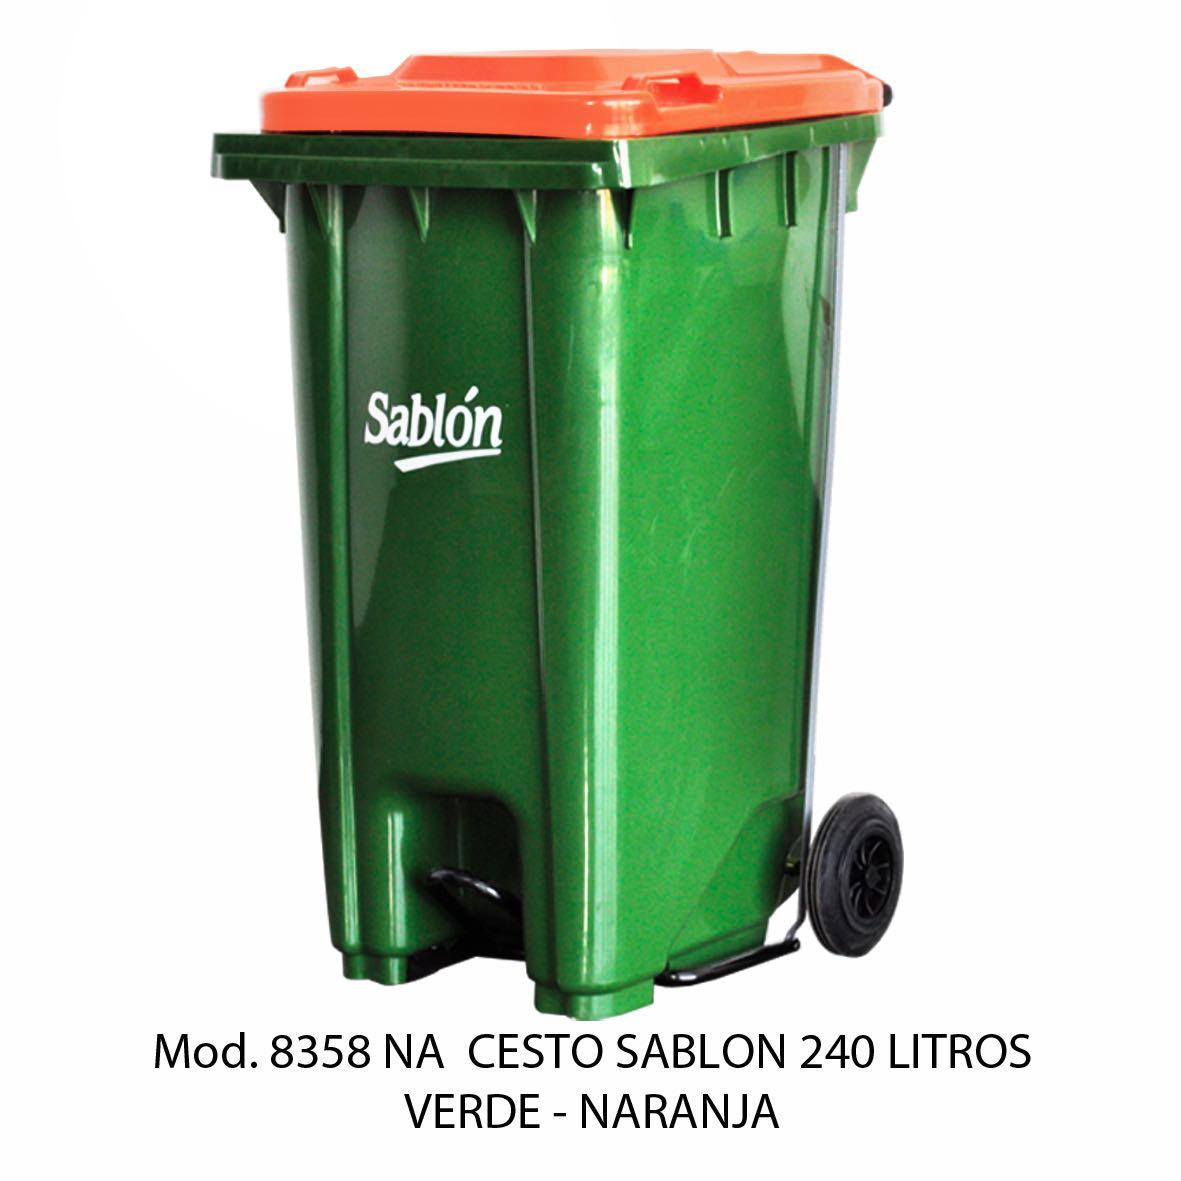 Contenedor de gran capacidad con cuerpo verde y tapa naranja - Modelo 8358 NA - Sablón